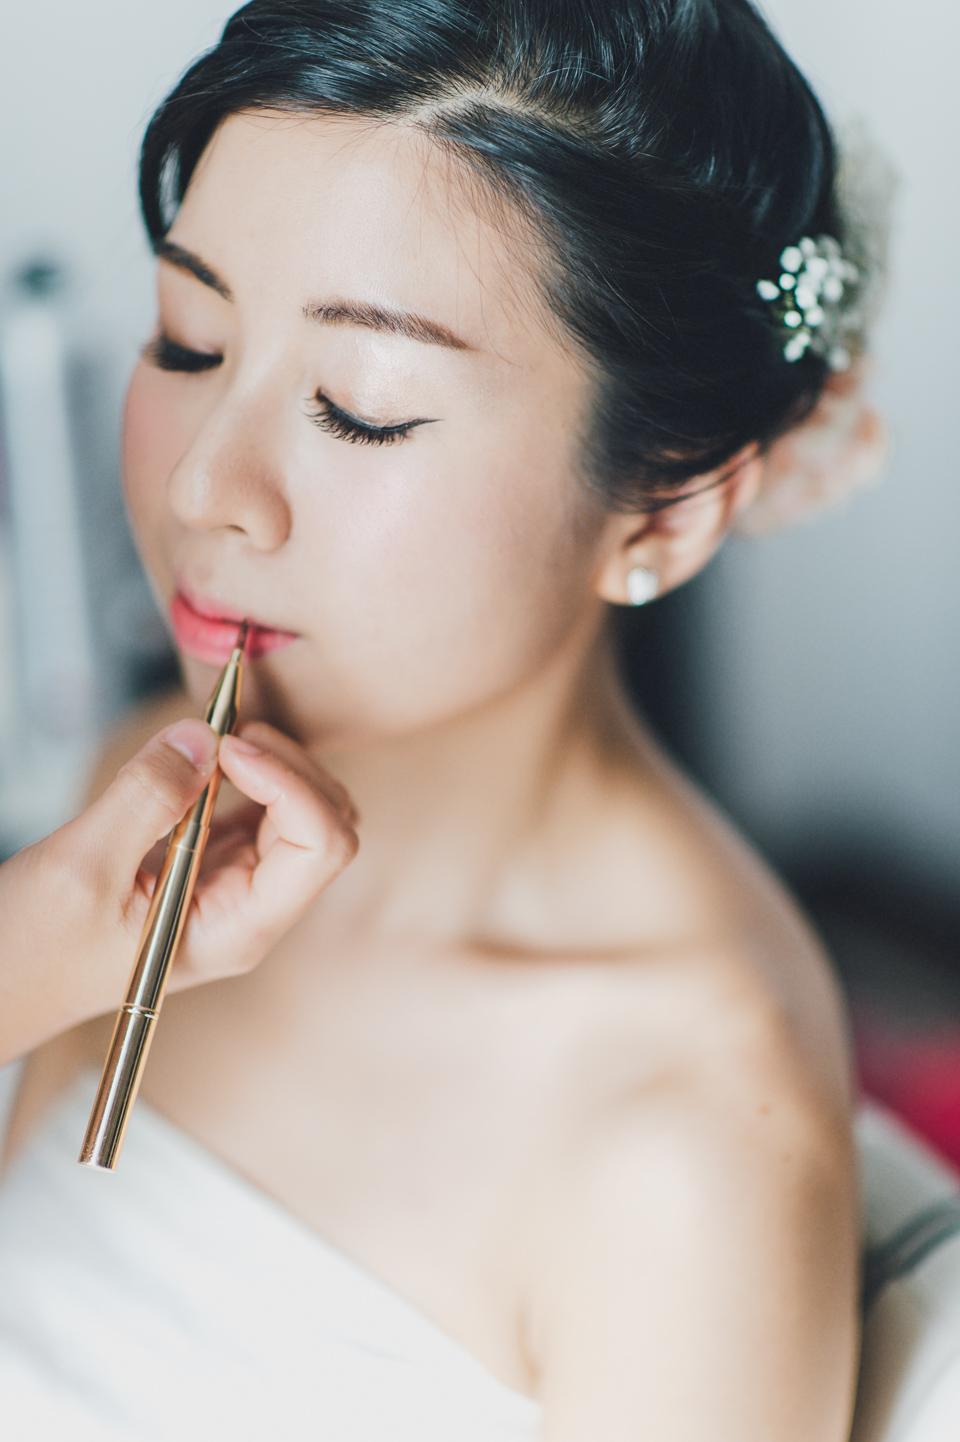 hongkong-wedding-photo-video-29 Kristy & Sam HongKong Wedding Four Saison HKhongkong wedding photo video 29